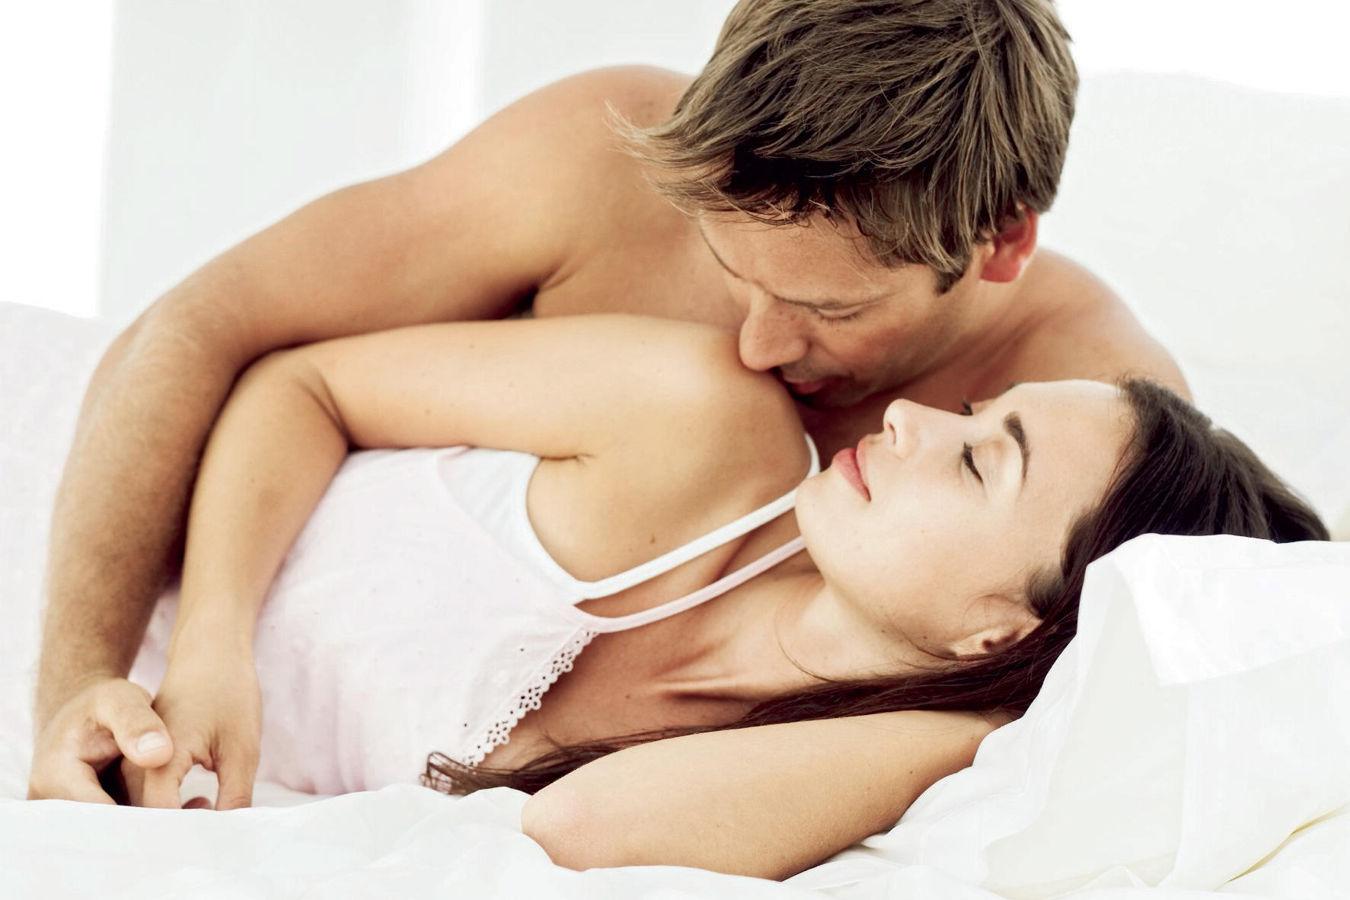 Фотографии онального секса, Фотоподборки анального секса, траха в жопу 11 фотография